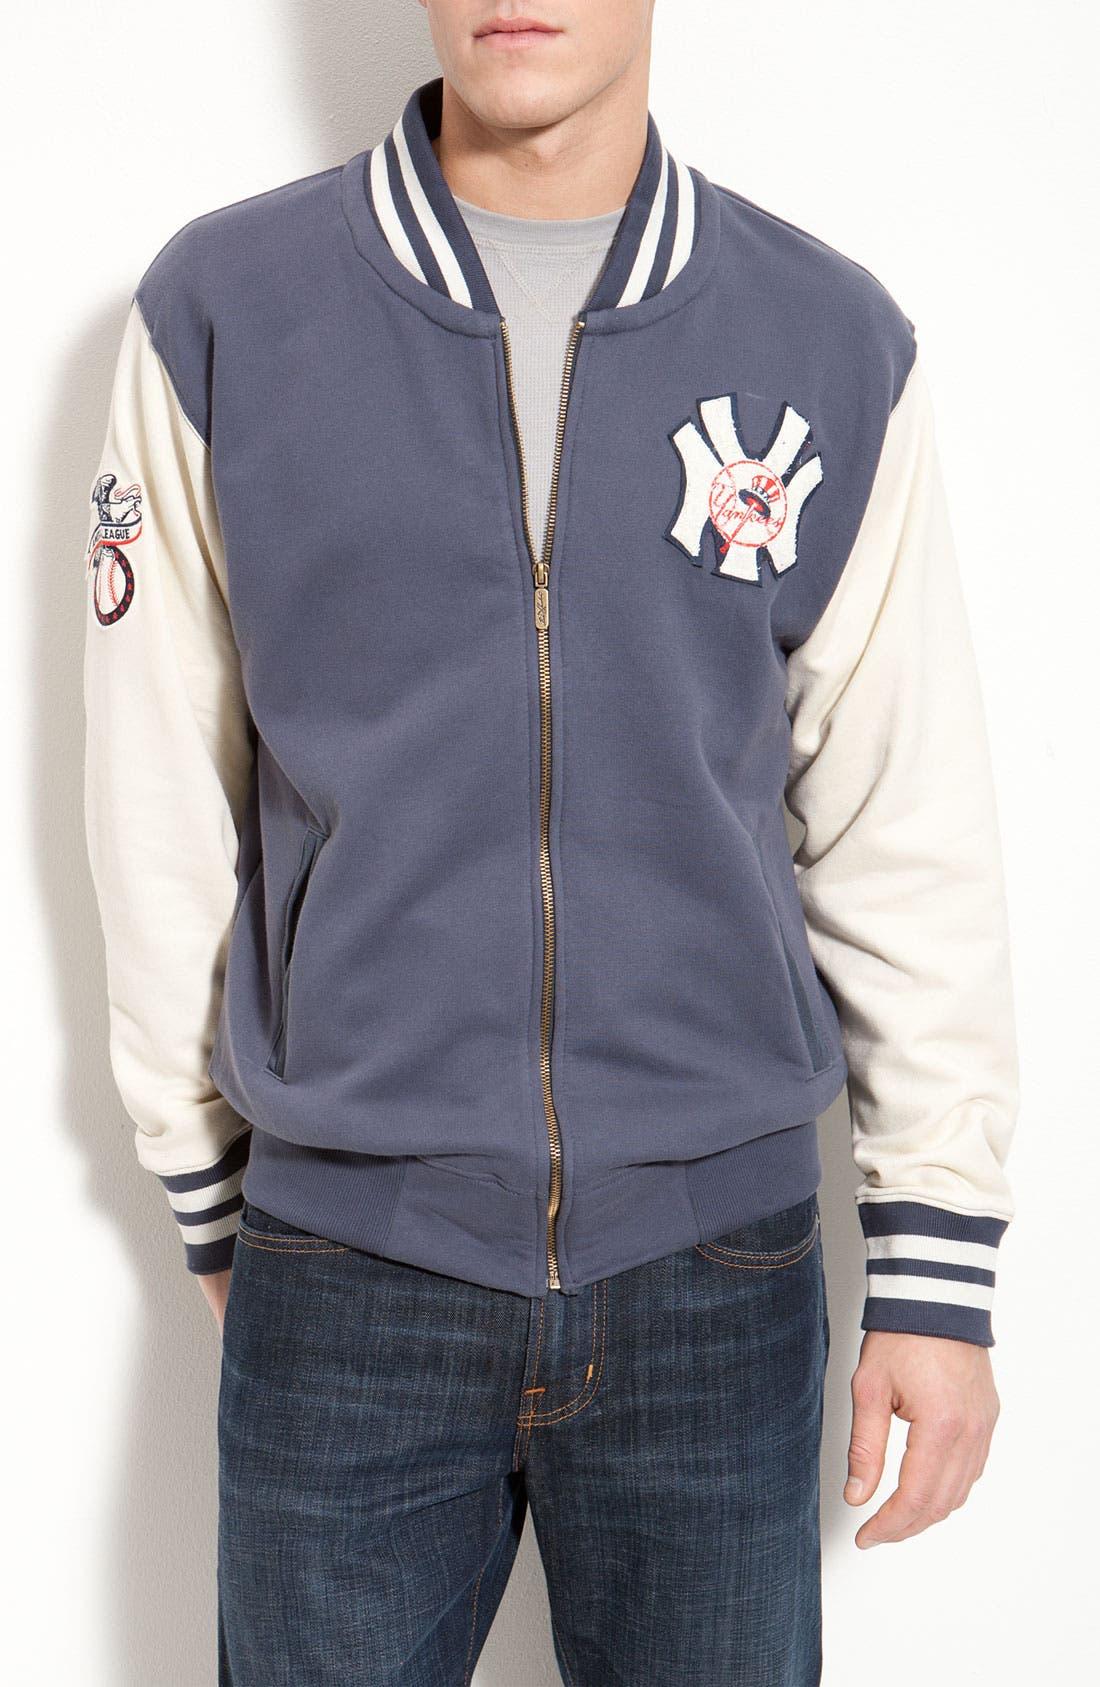 Alternate Image 1 Selected - Red Jacket 'New York Yankees - Homeroom' Jacket